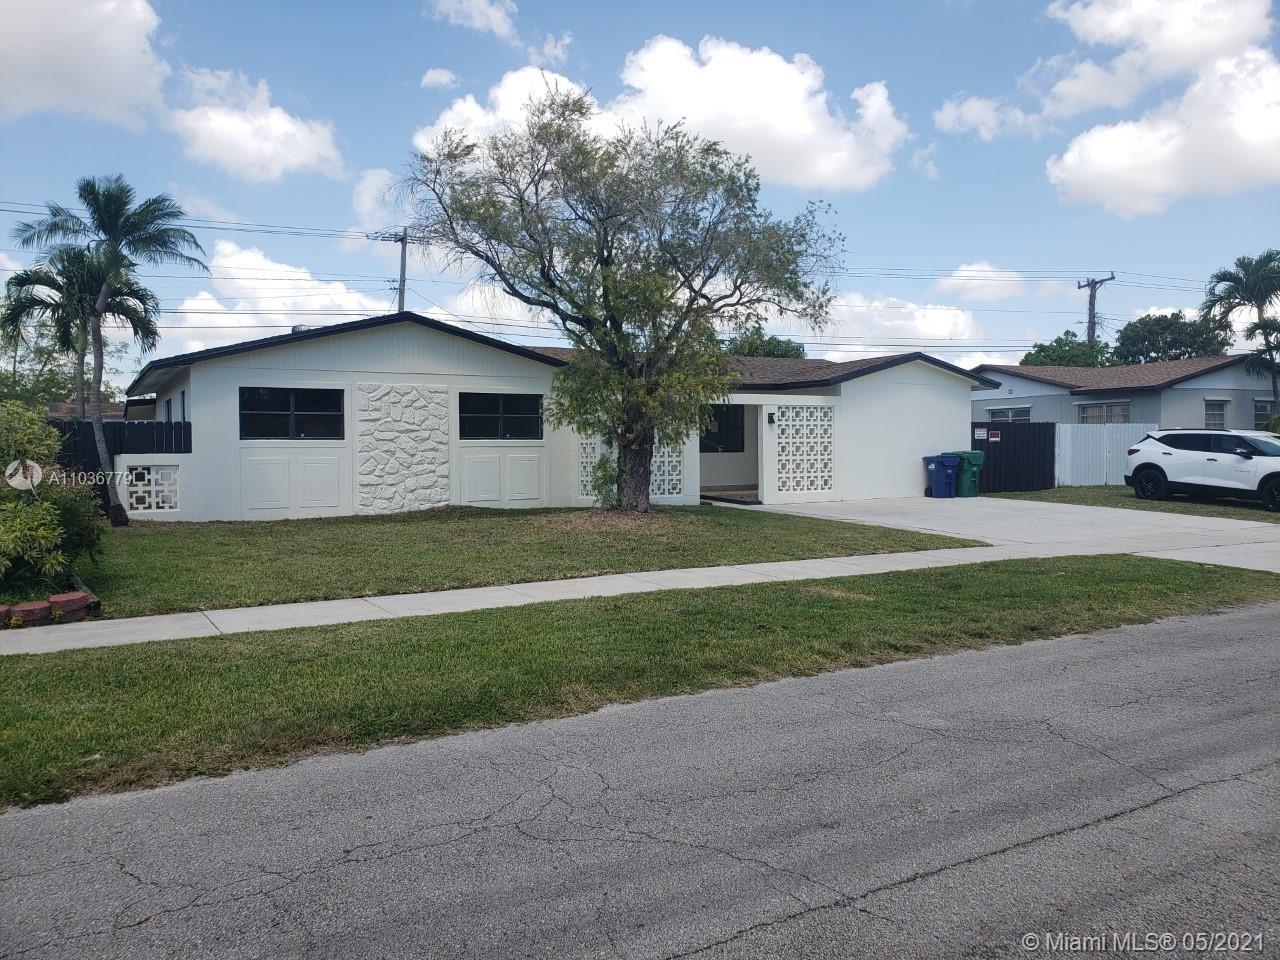 20520 SW 116th Rd, Miami, FL 33189 - #: A11036779